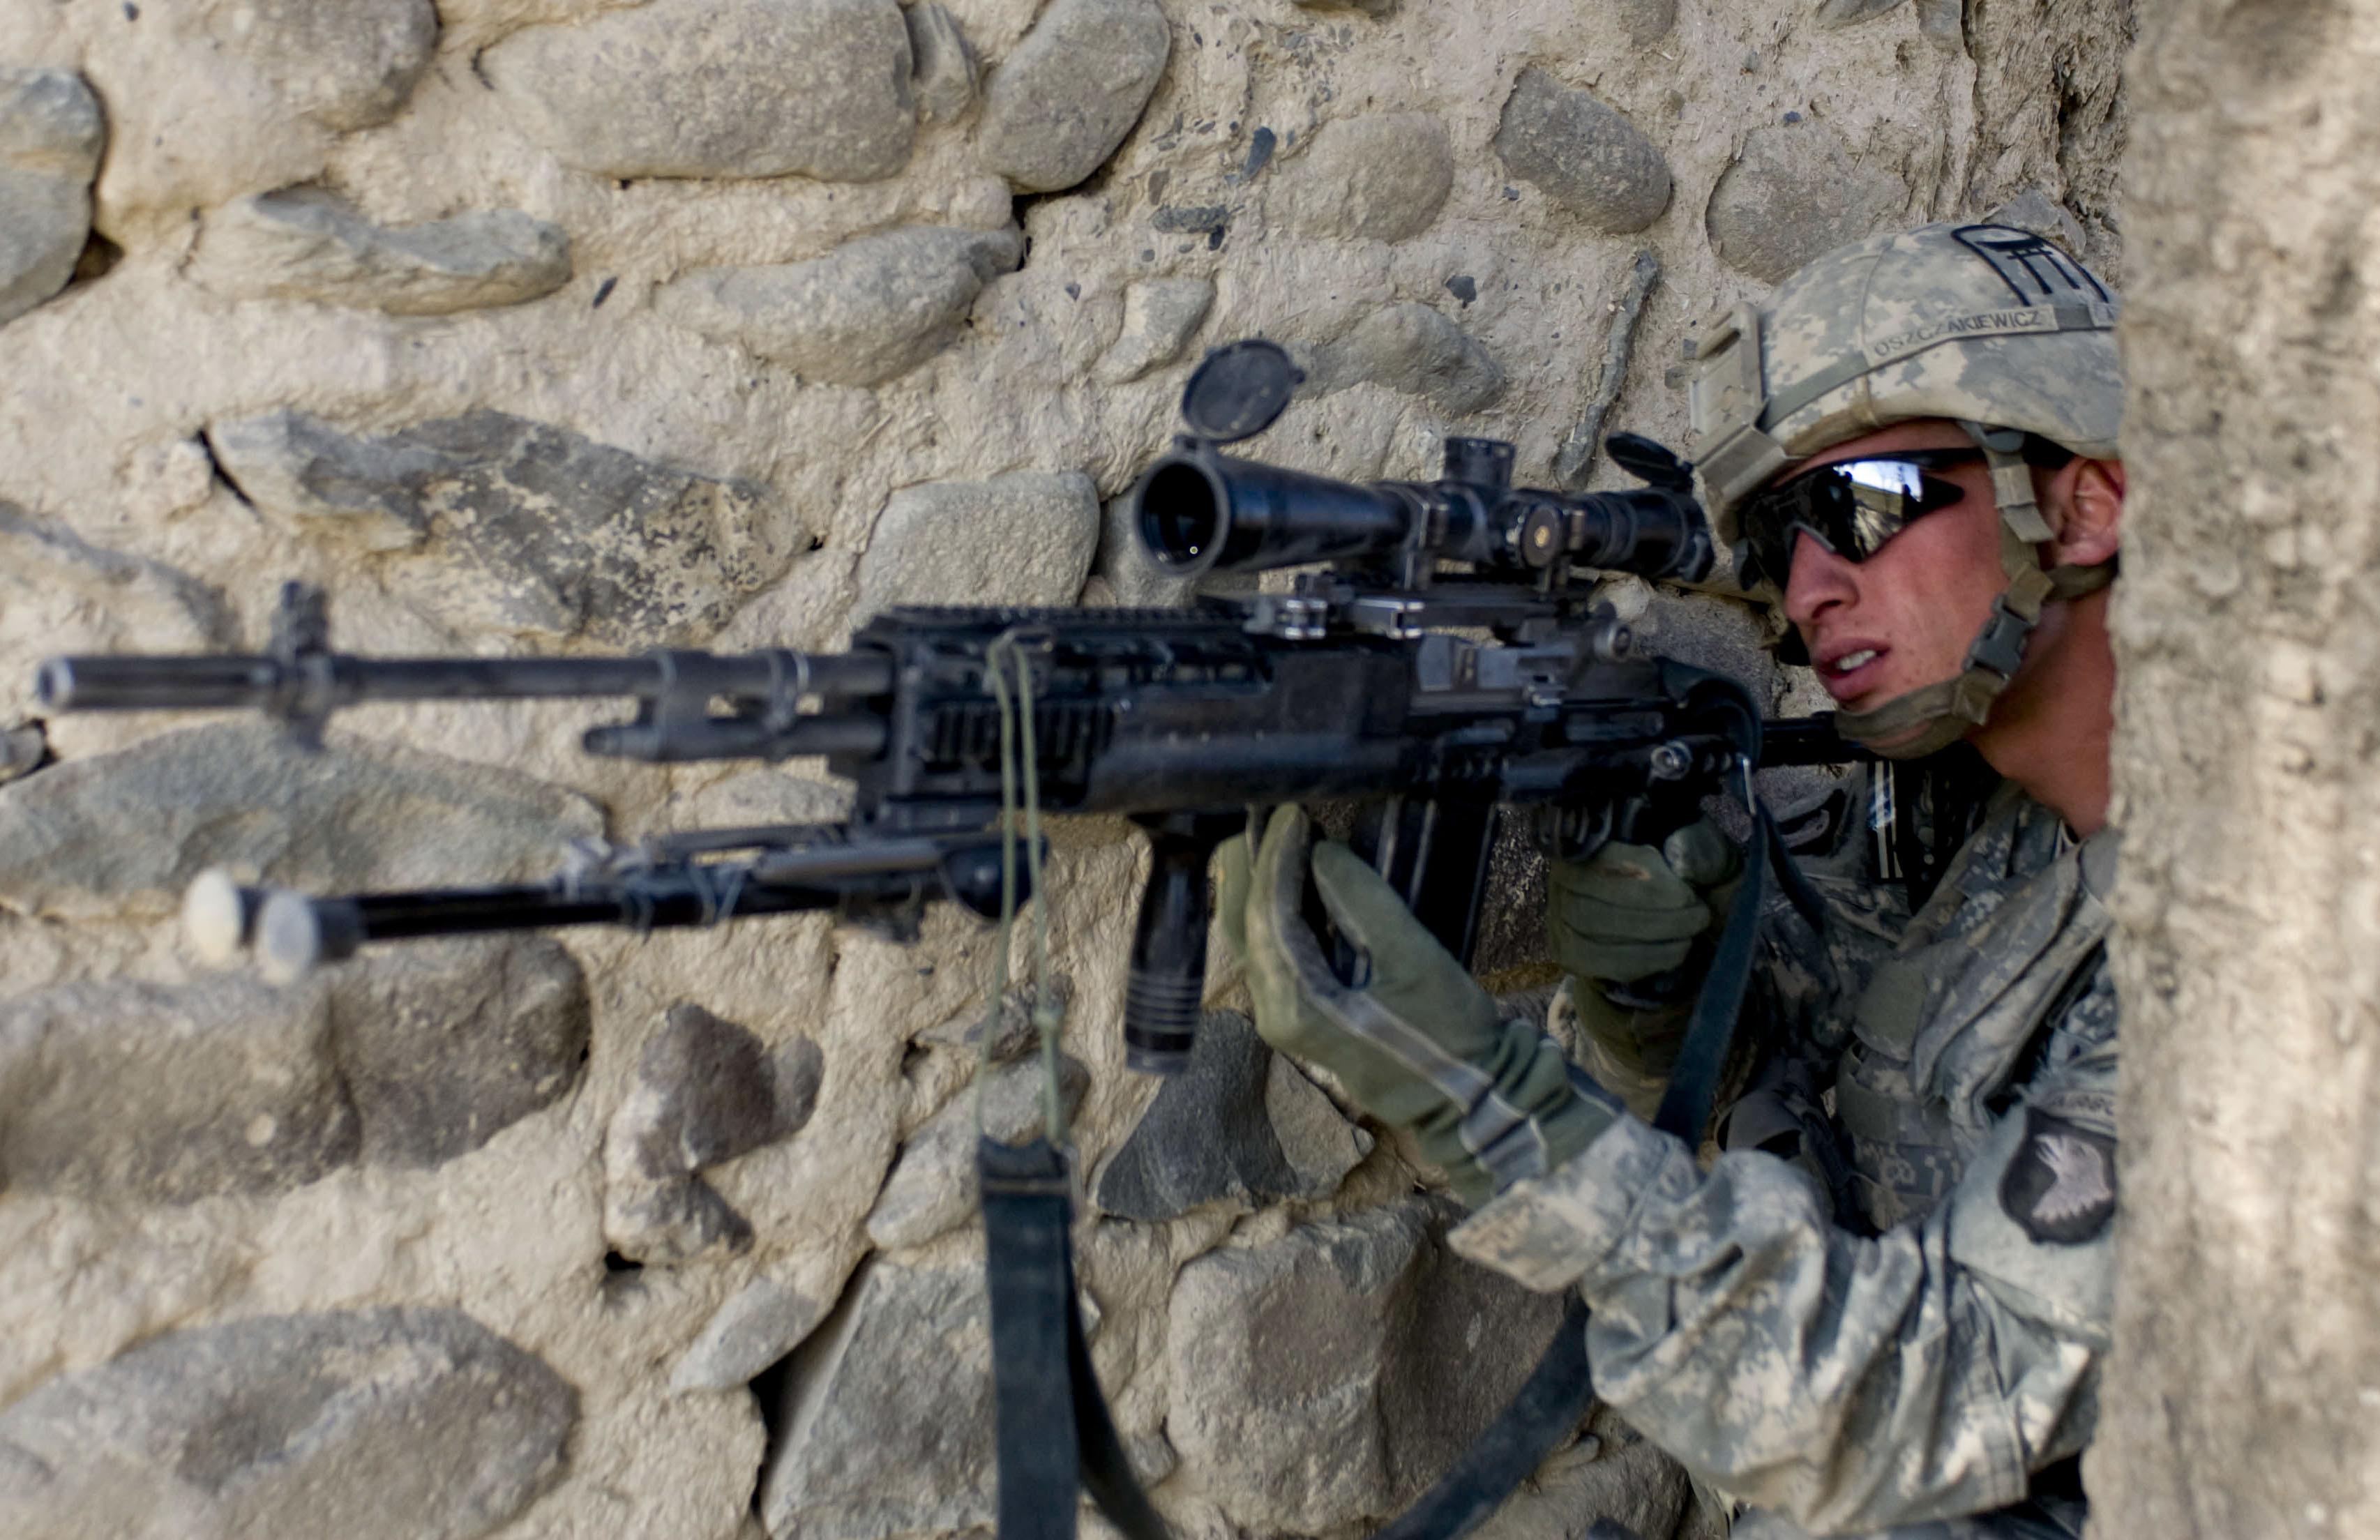 File:Defense.gov News Photo 110118-A-6760G-041 - U.S. Army Spc ...